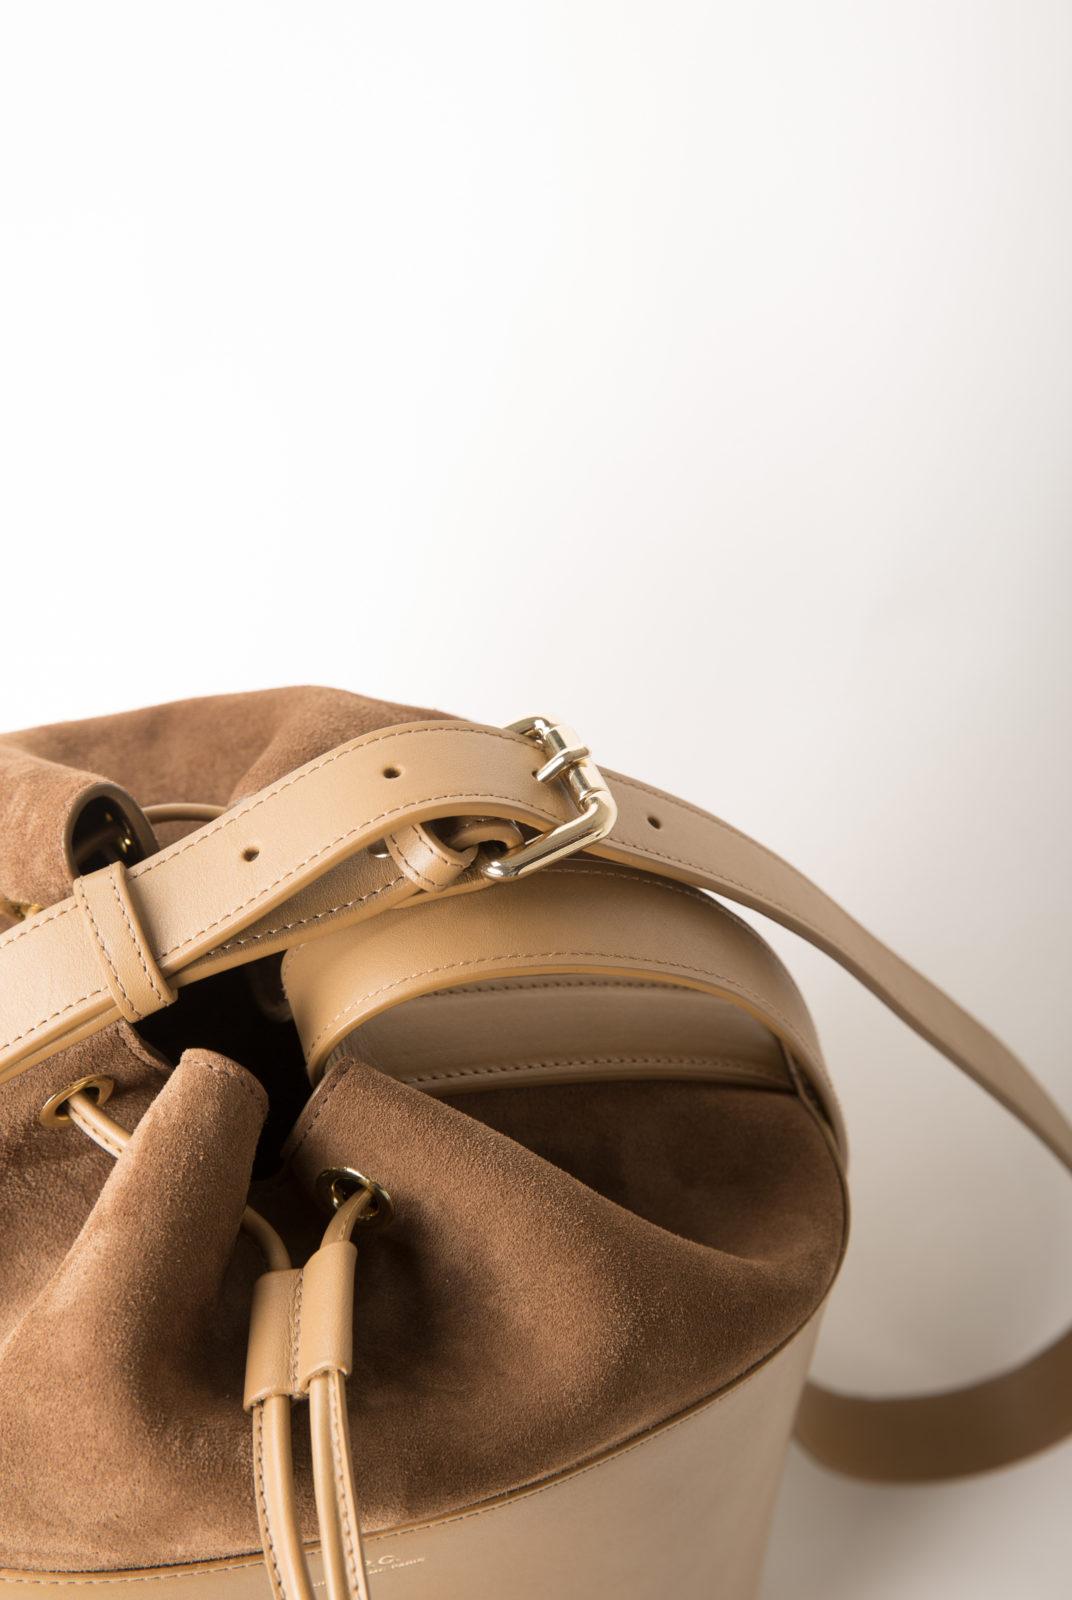 Cuir lisse brillant à tannage végétal espagnol et croûte velours italienne. Patine naturelle à prévoir. Sac seau. Base cylindrique en cuir lisse brillant, partie supérieure en croûte velours. Fermeture lien coulissant en haut du sac.